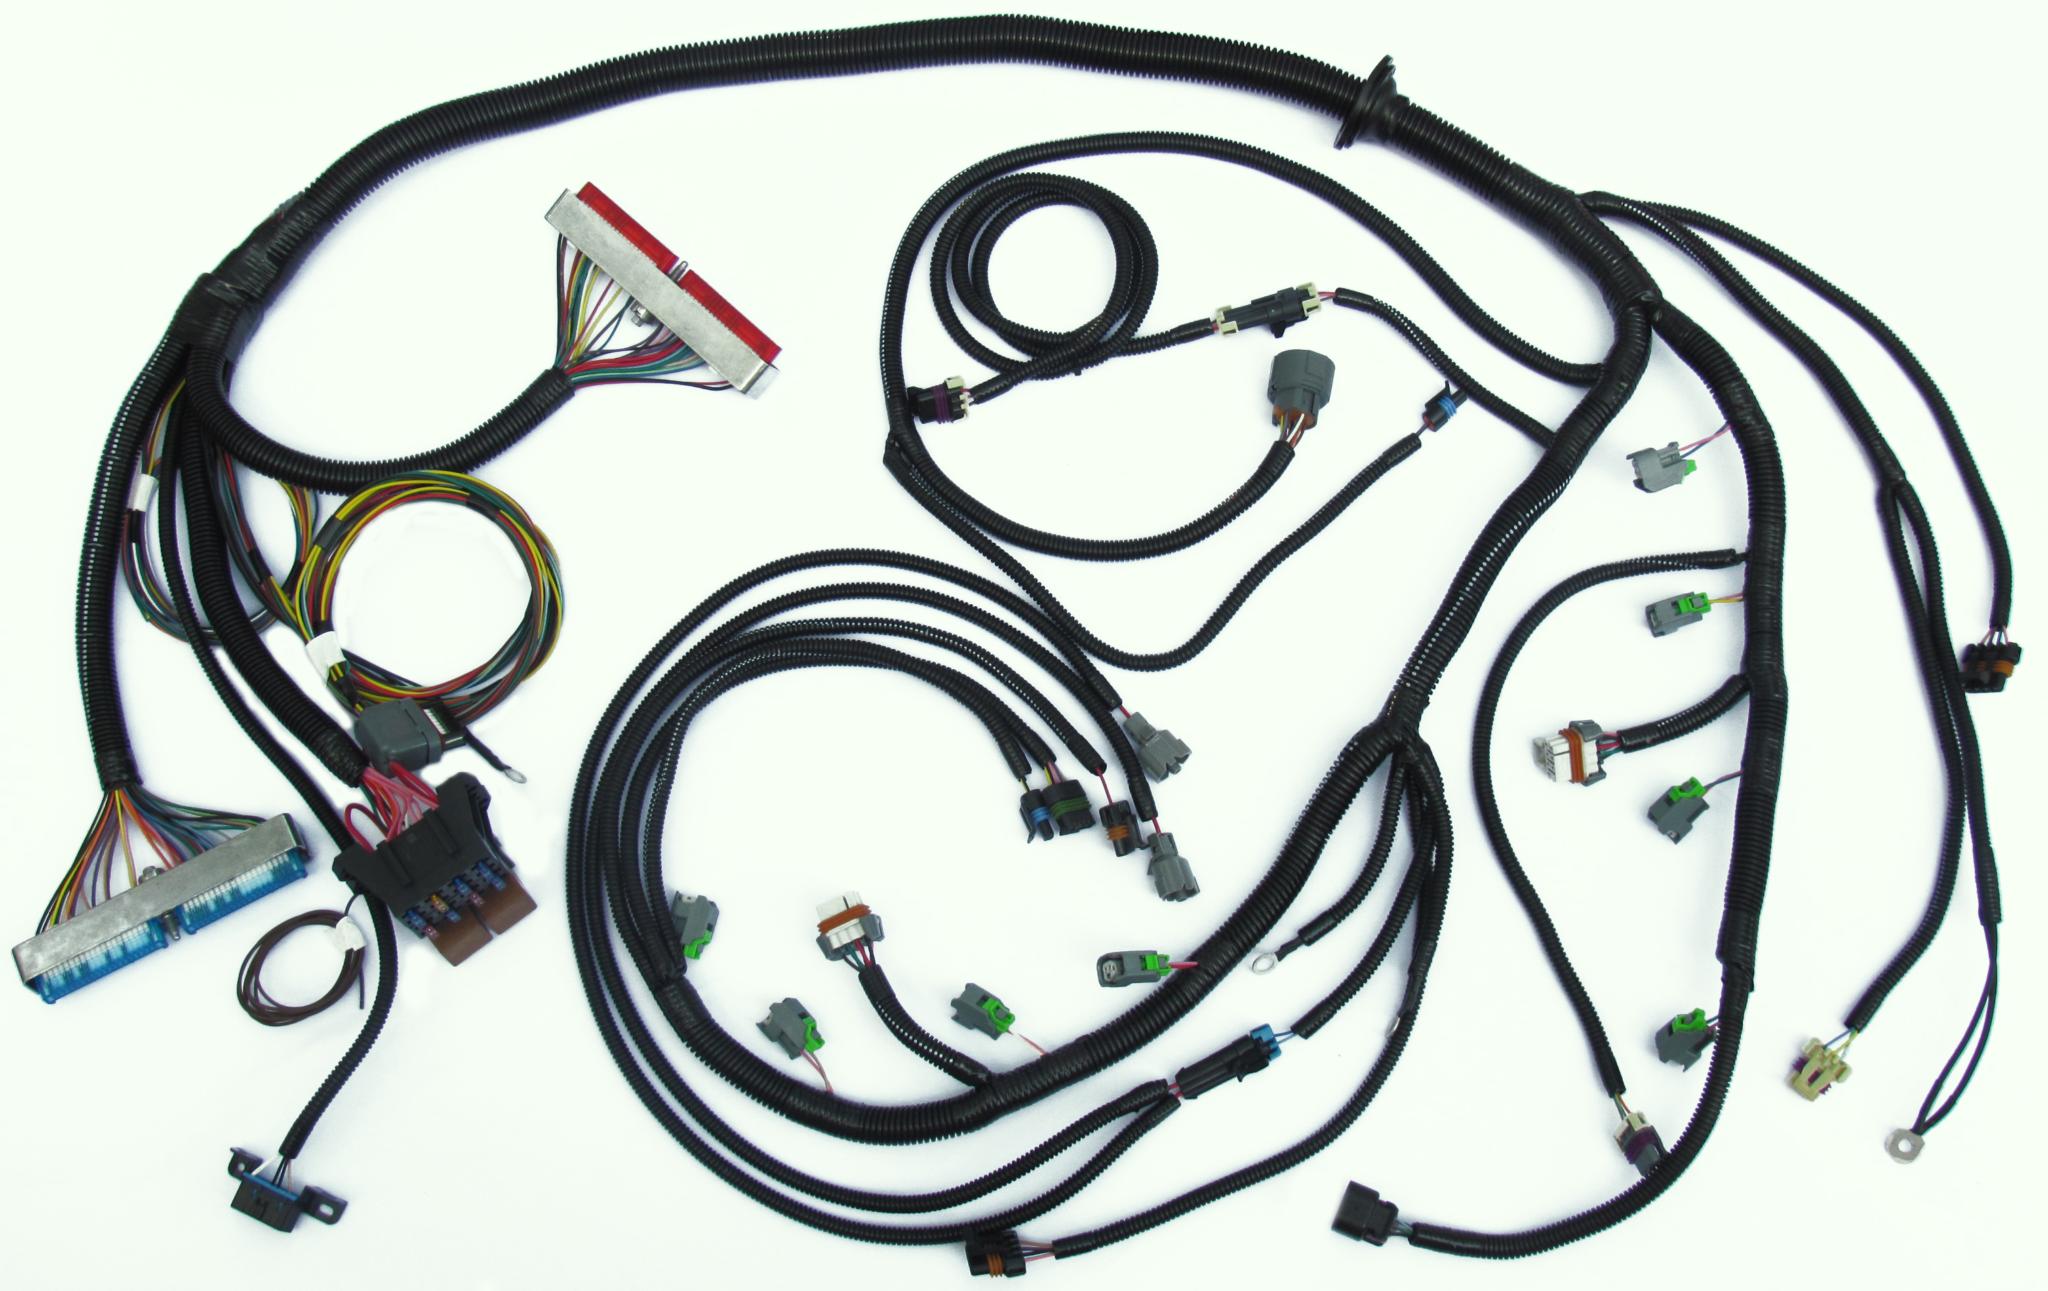 U0026 39 06   4l60e Standalone Wiring